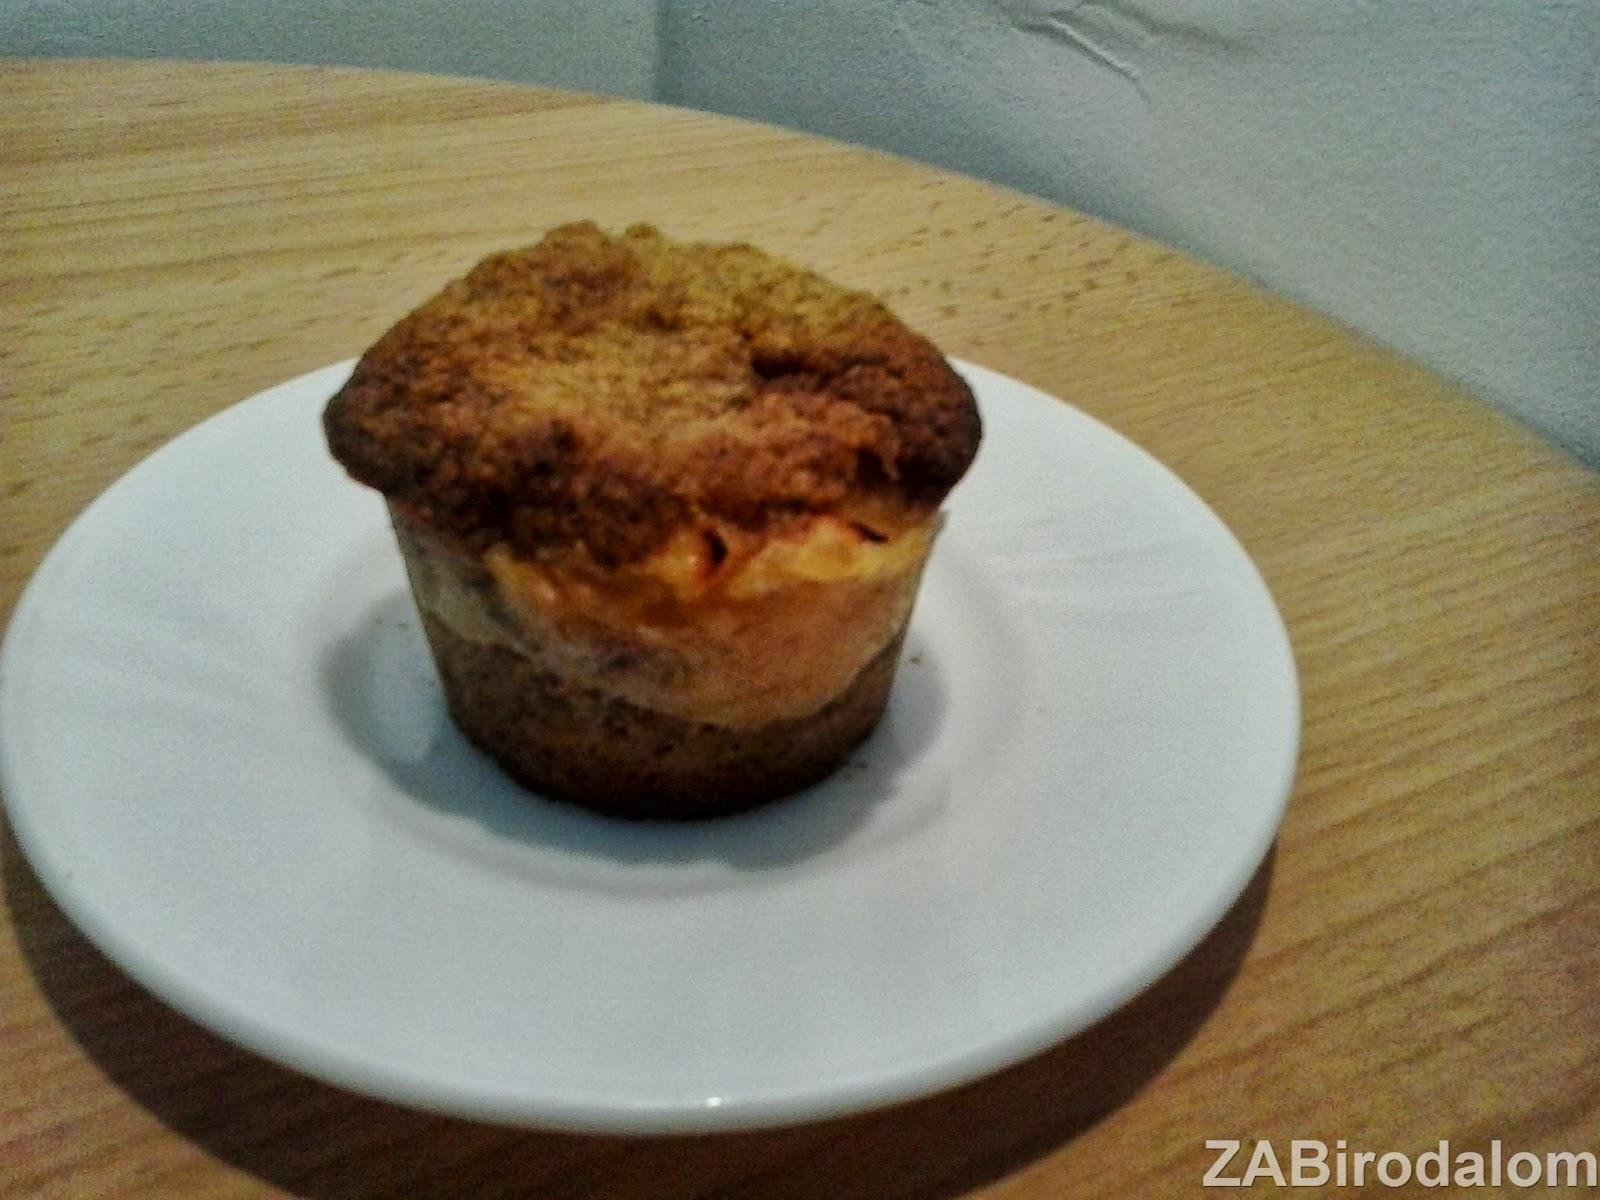 hogy veszít a muffin felső zsírból